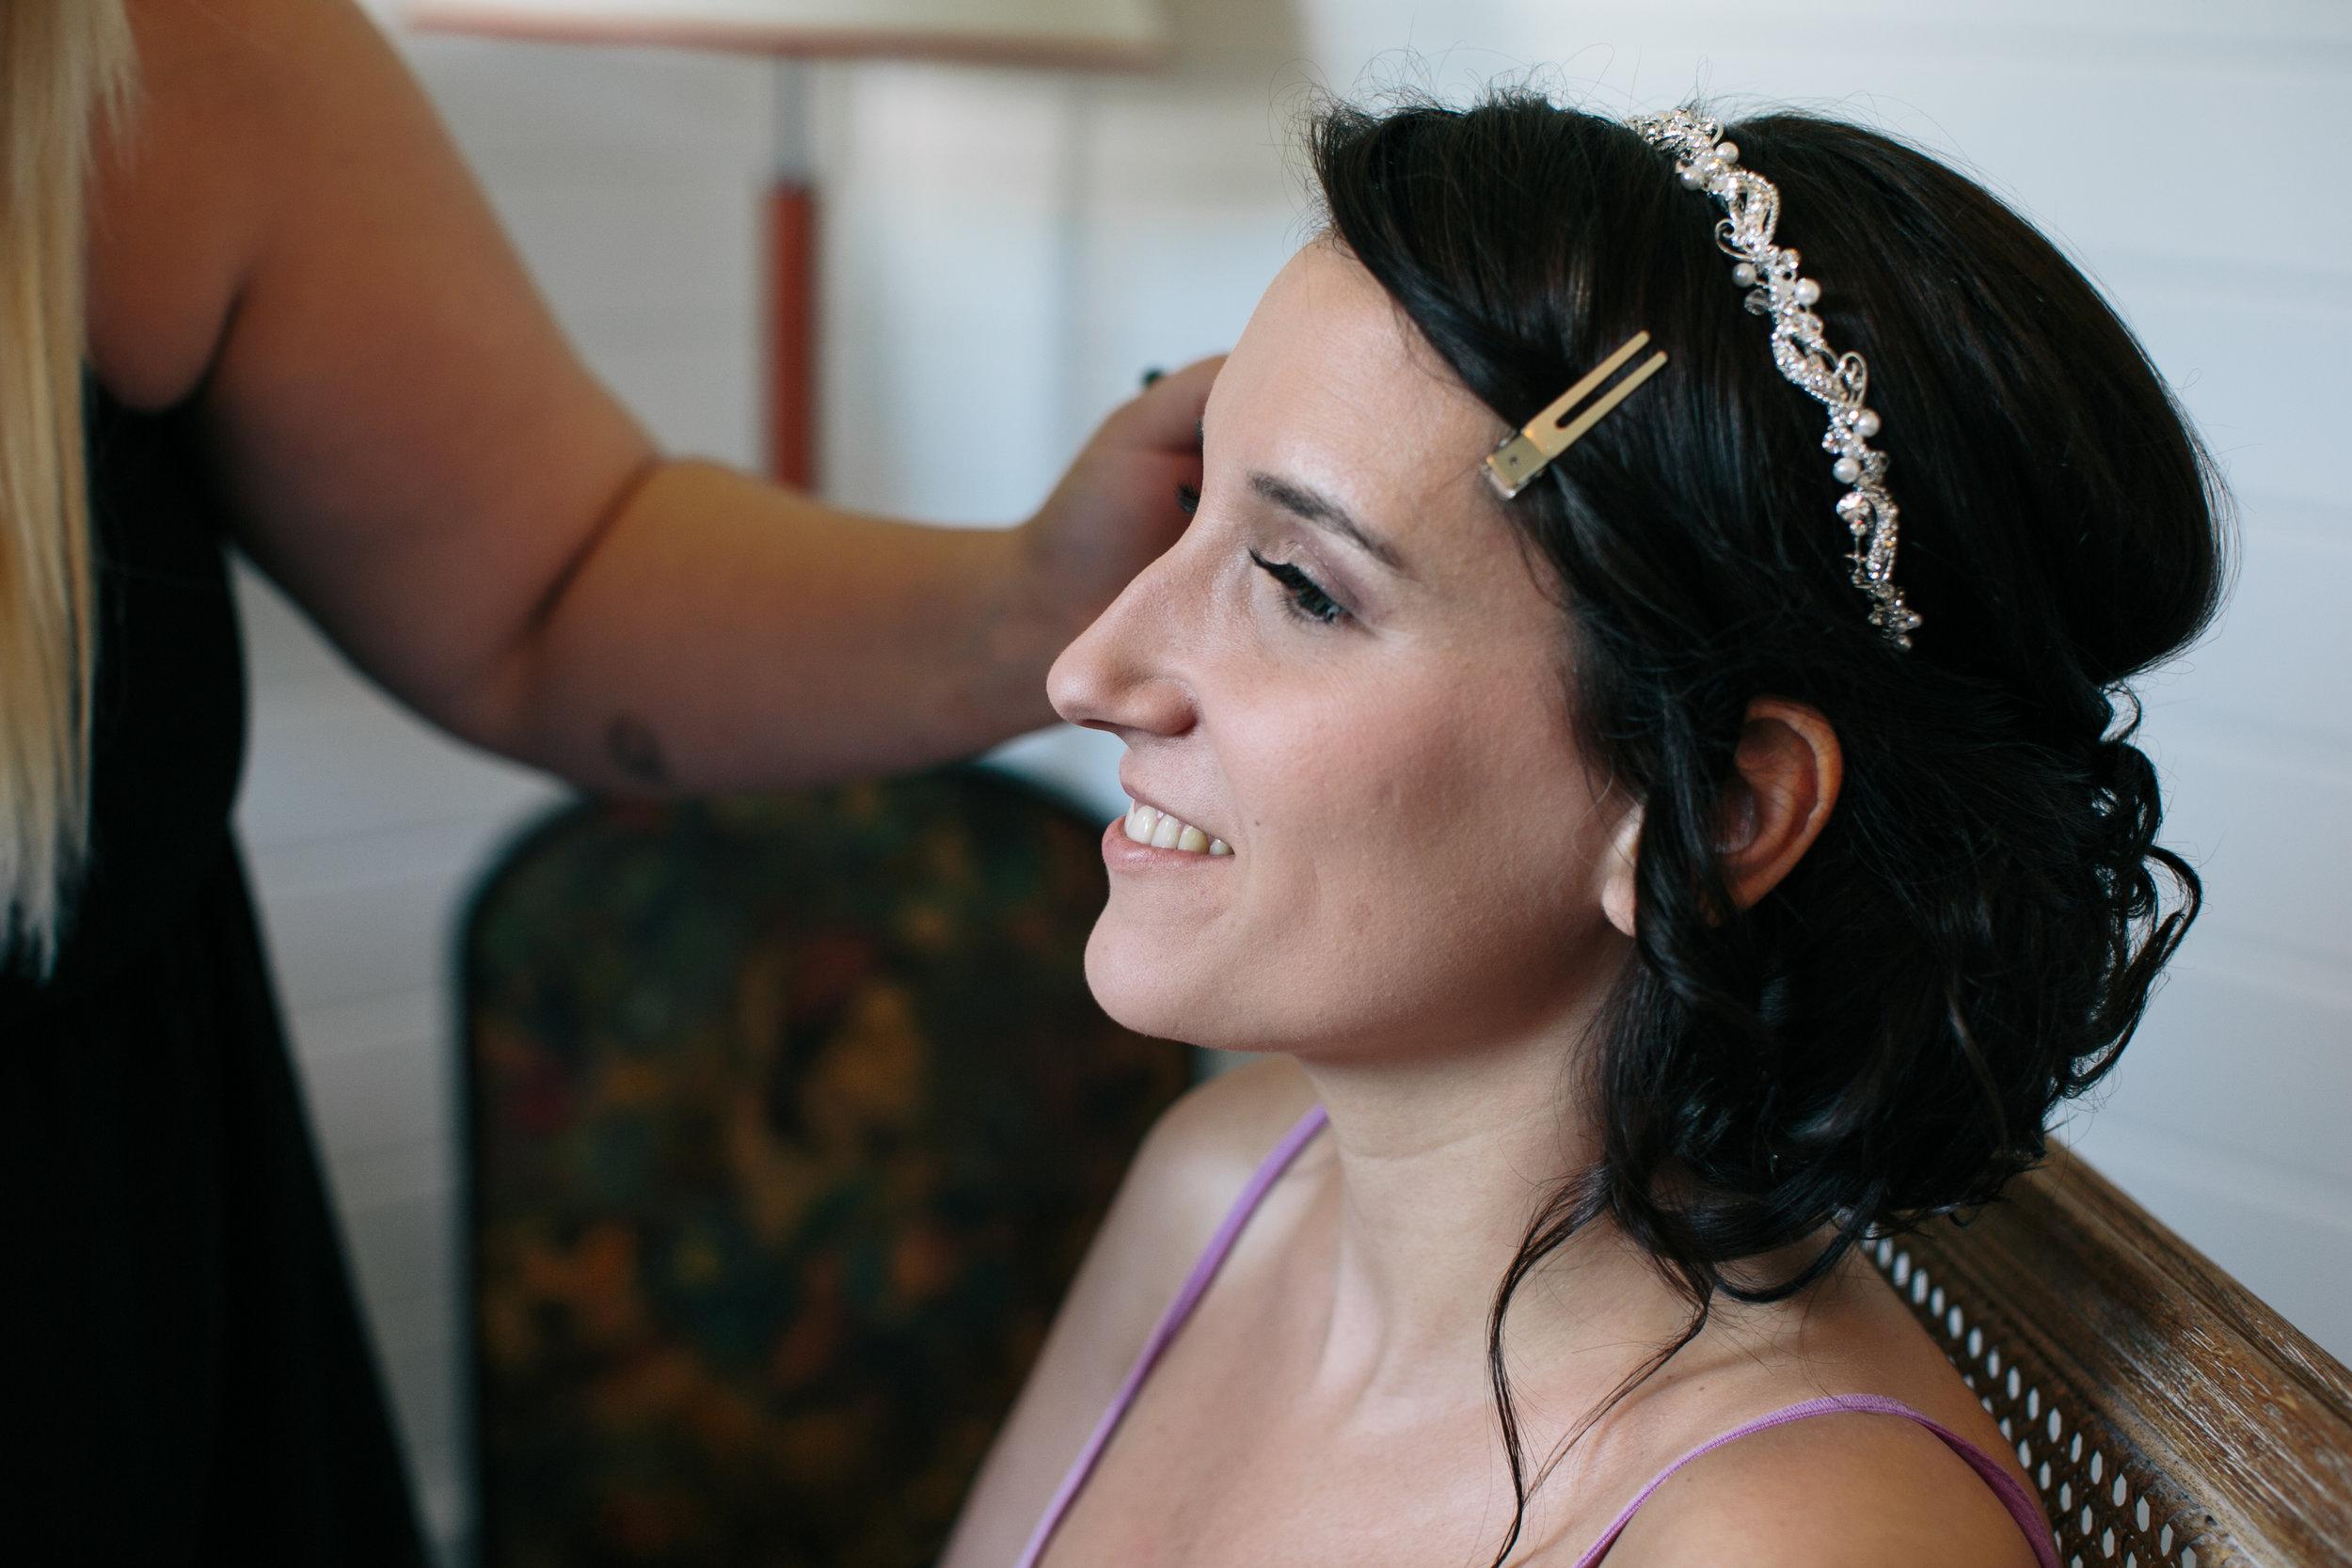 047_Jared_Kristen_wedding.jpg